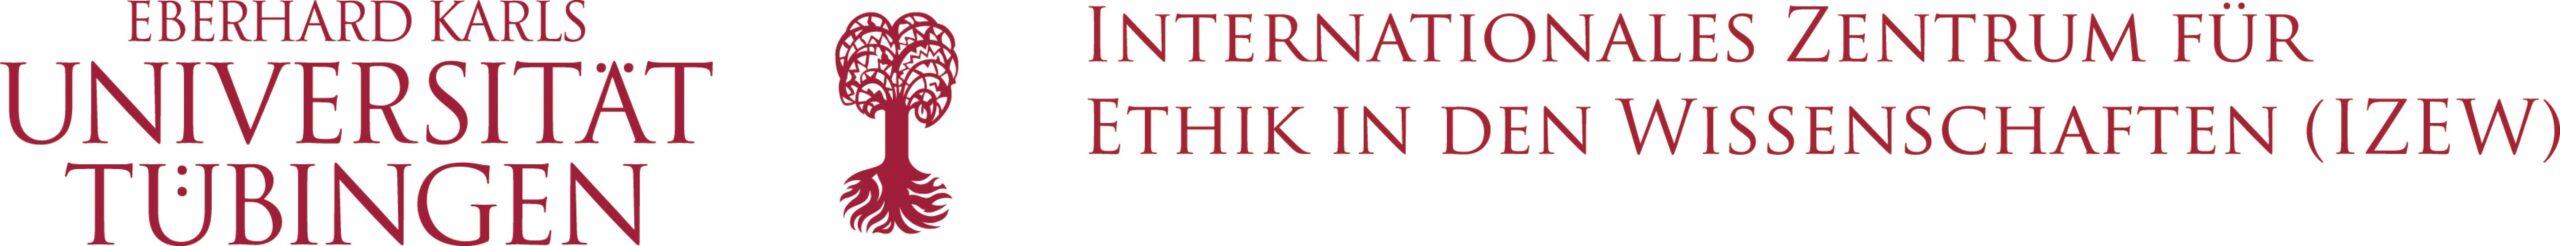 Internationales Zentrum für Ethik in den Wissenschaften (IZEW)